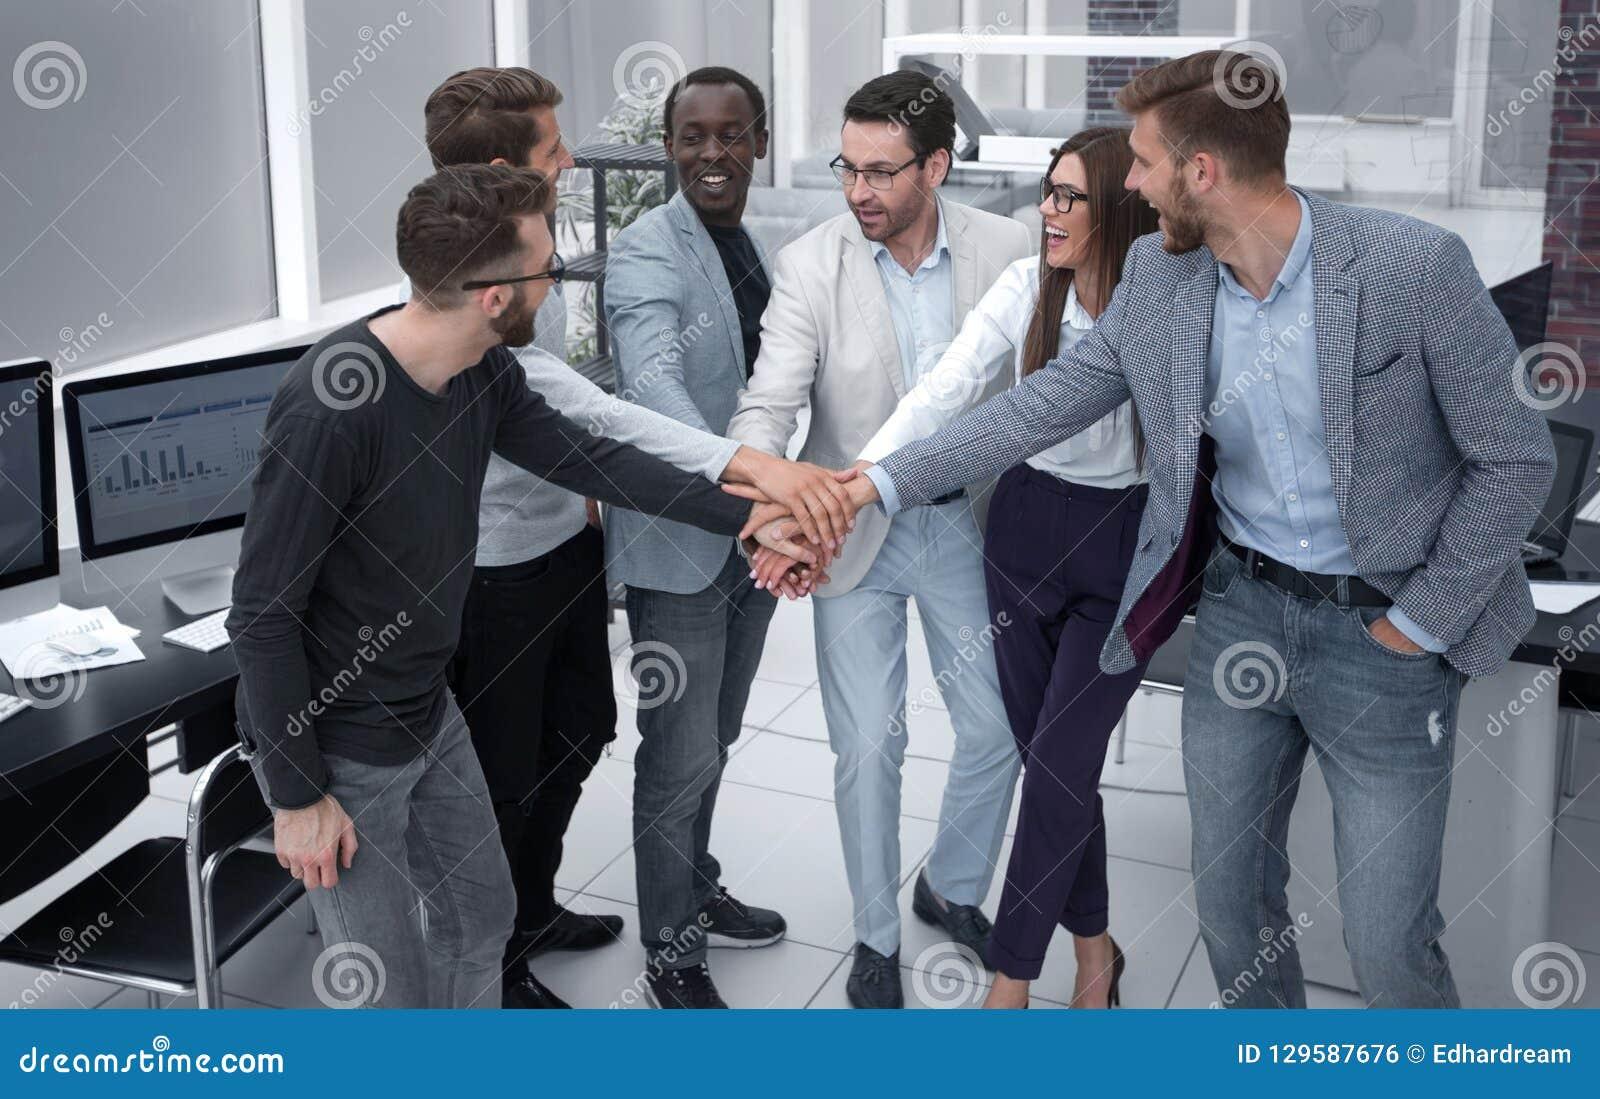 Vriendschappelijk commercieel team die hun handen samenbrengen